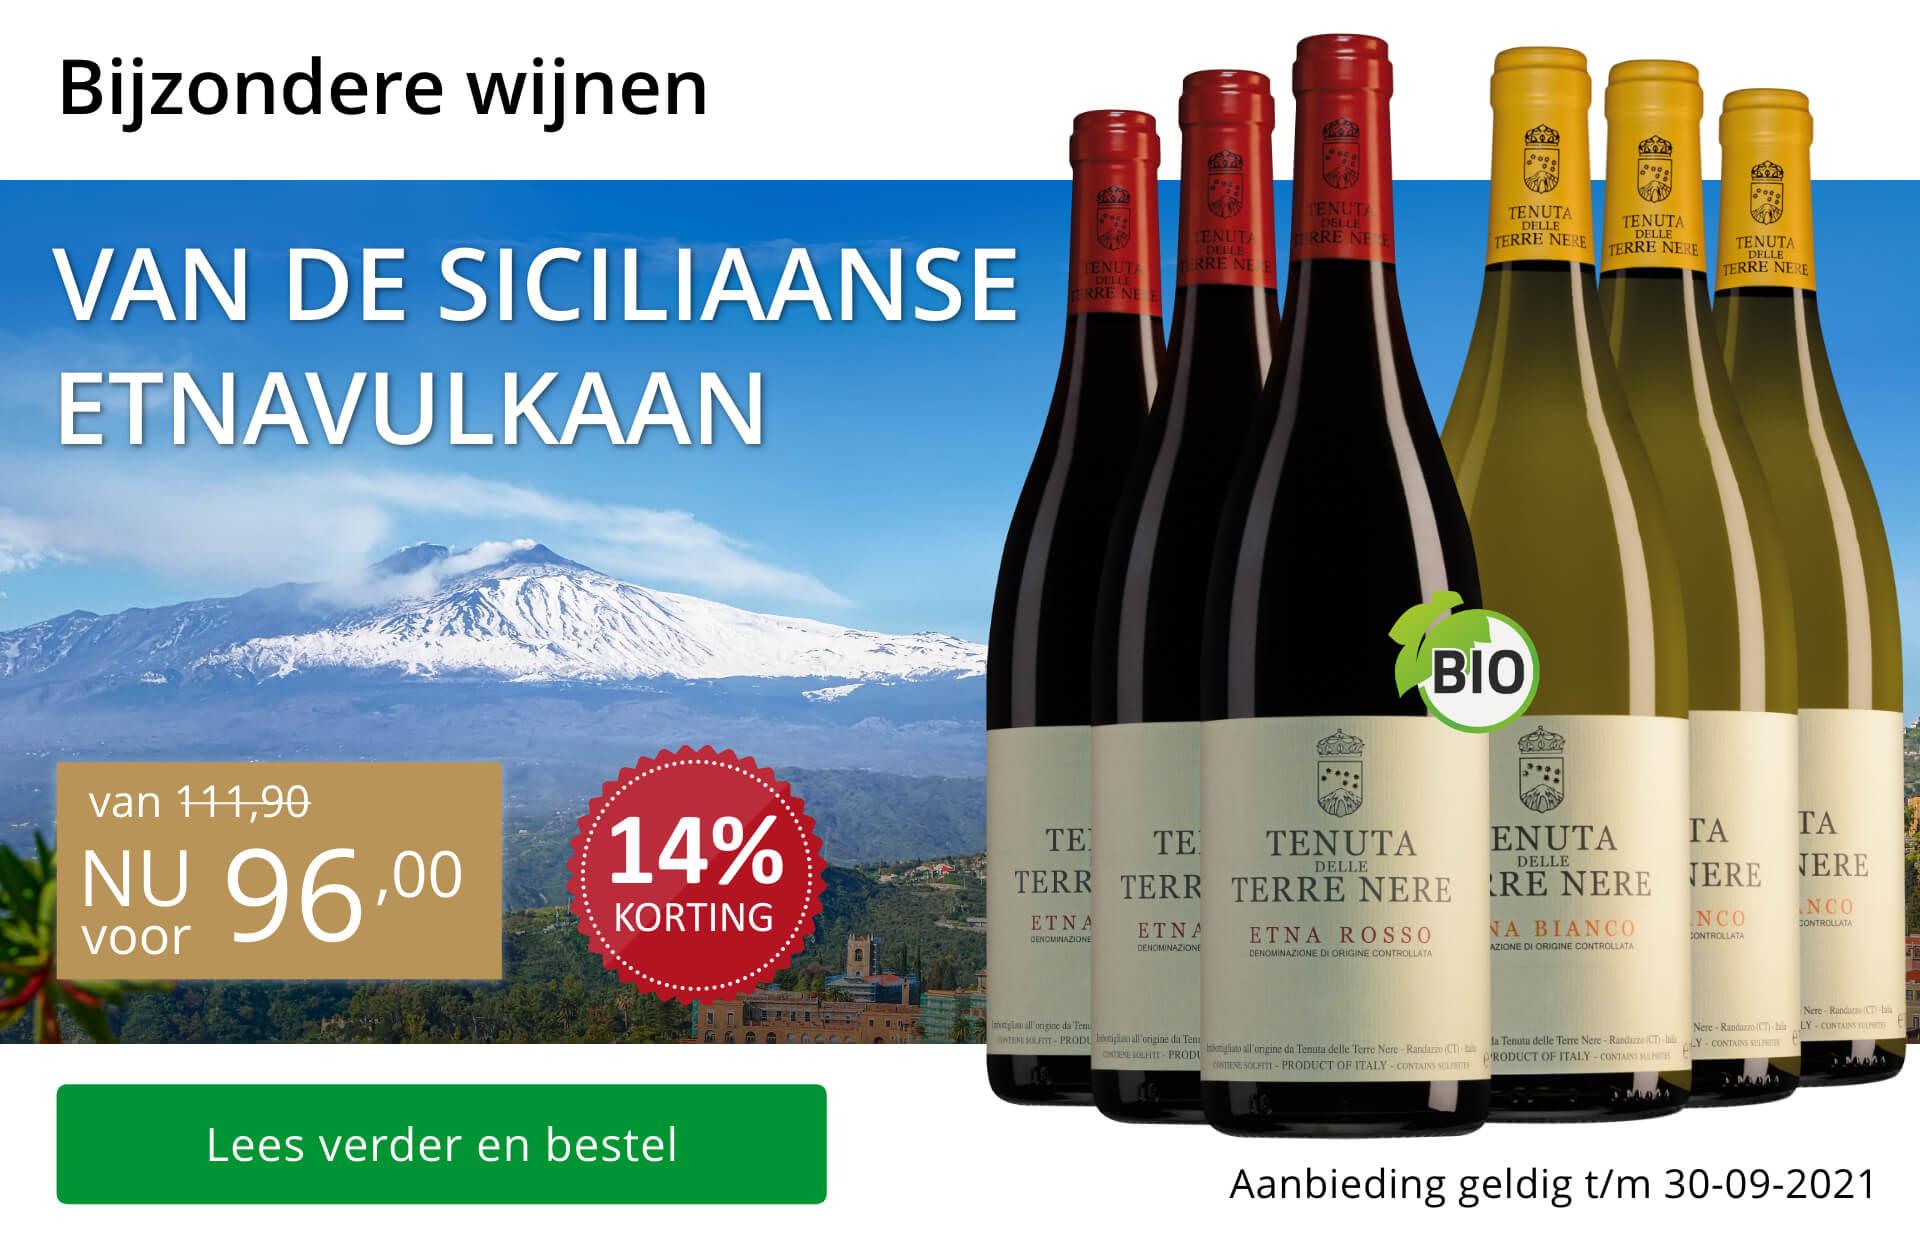 Wijnpakket bijzondere wijnen september 2021-goud/zwart